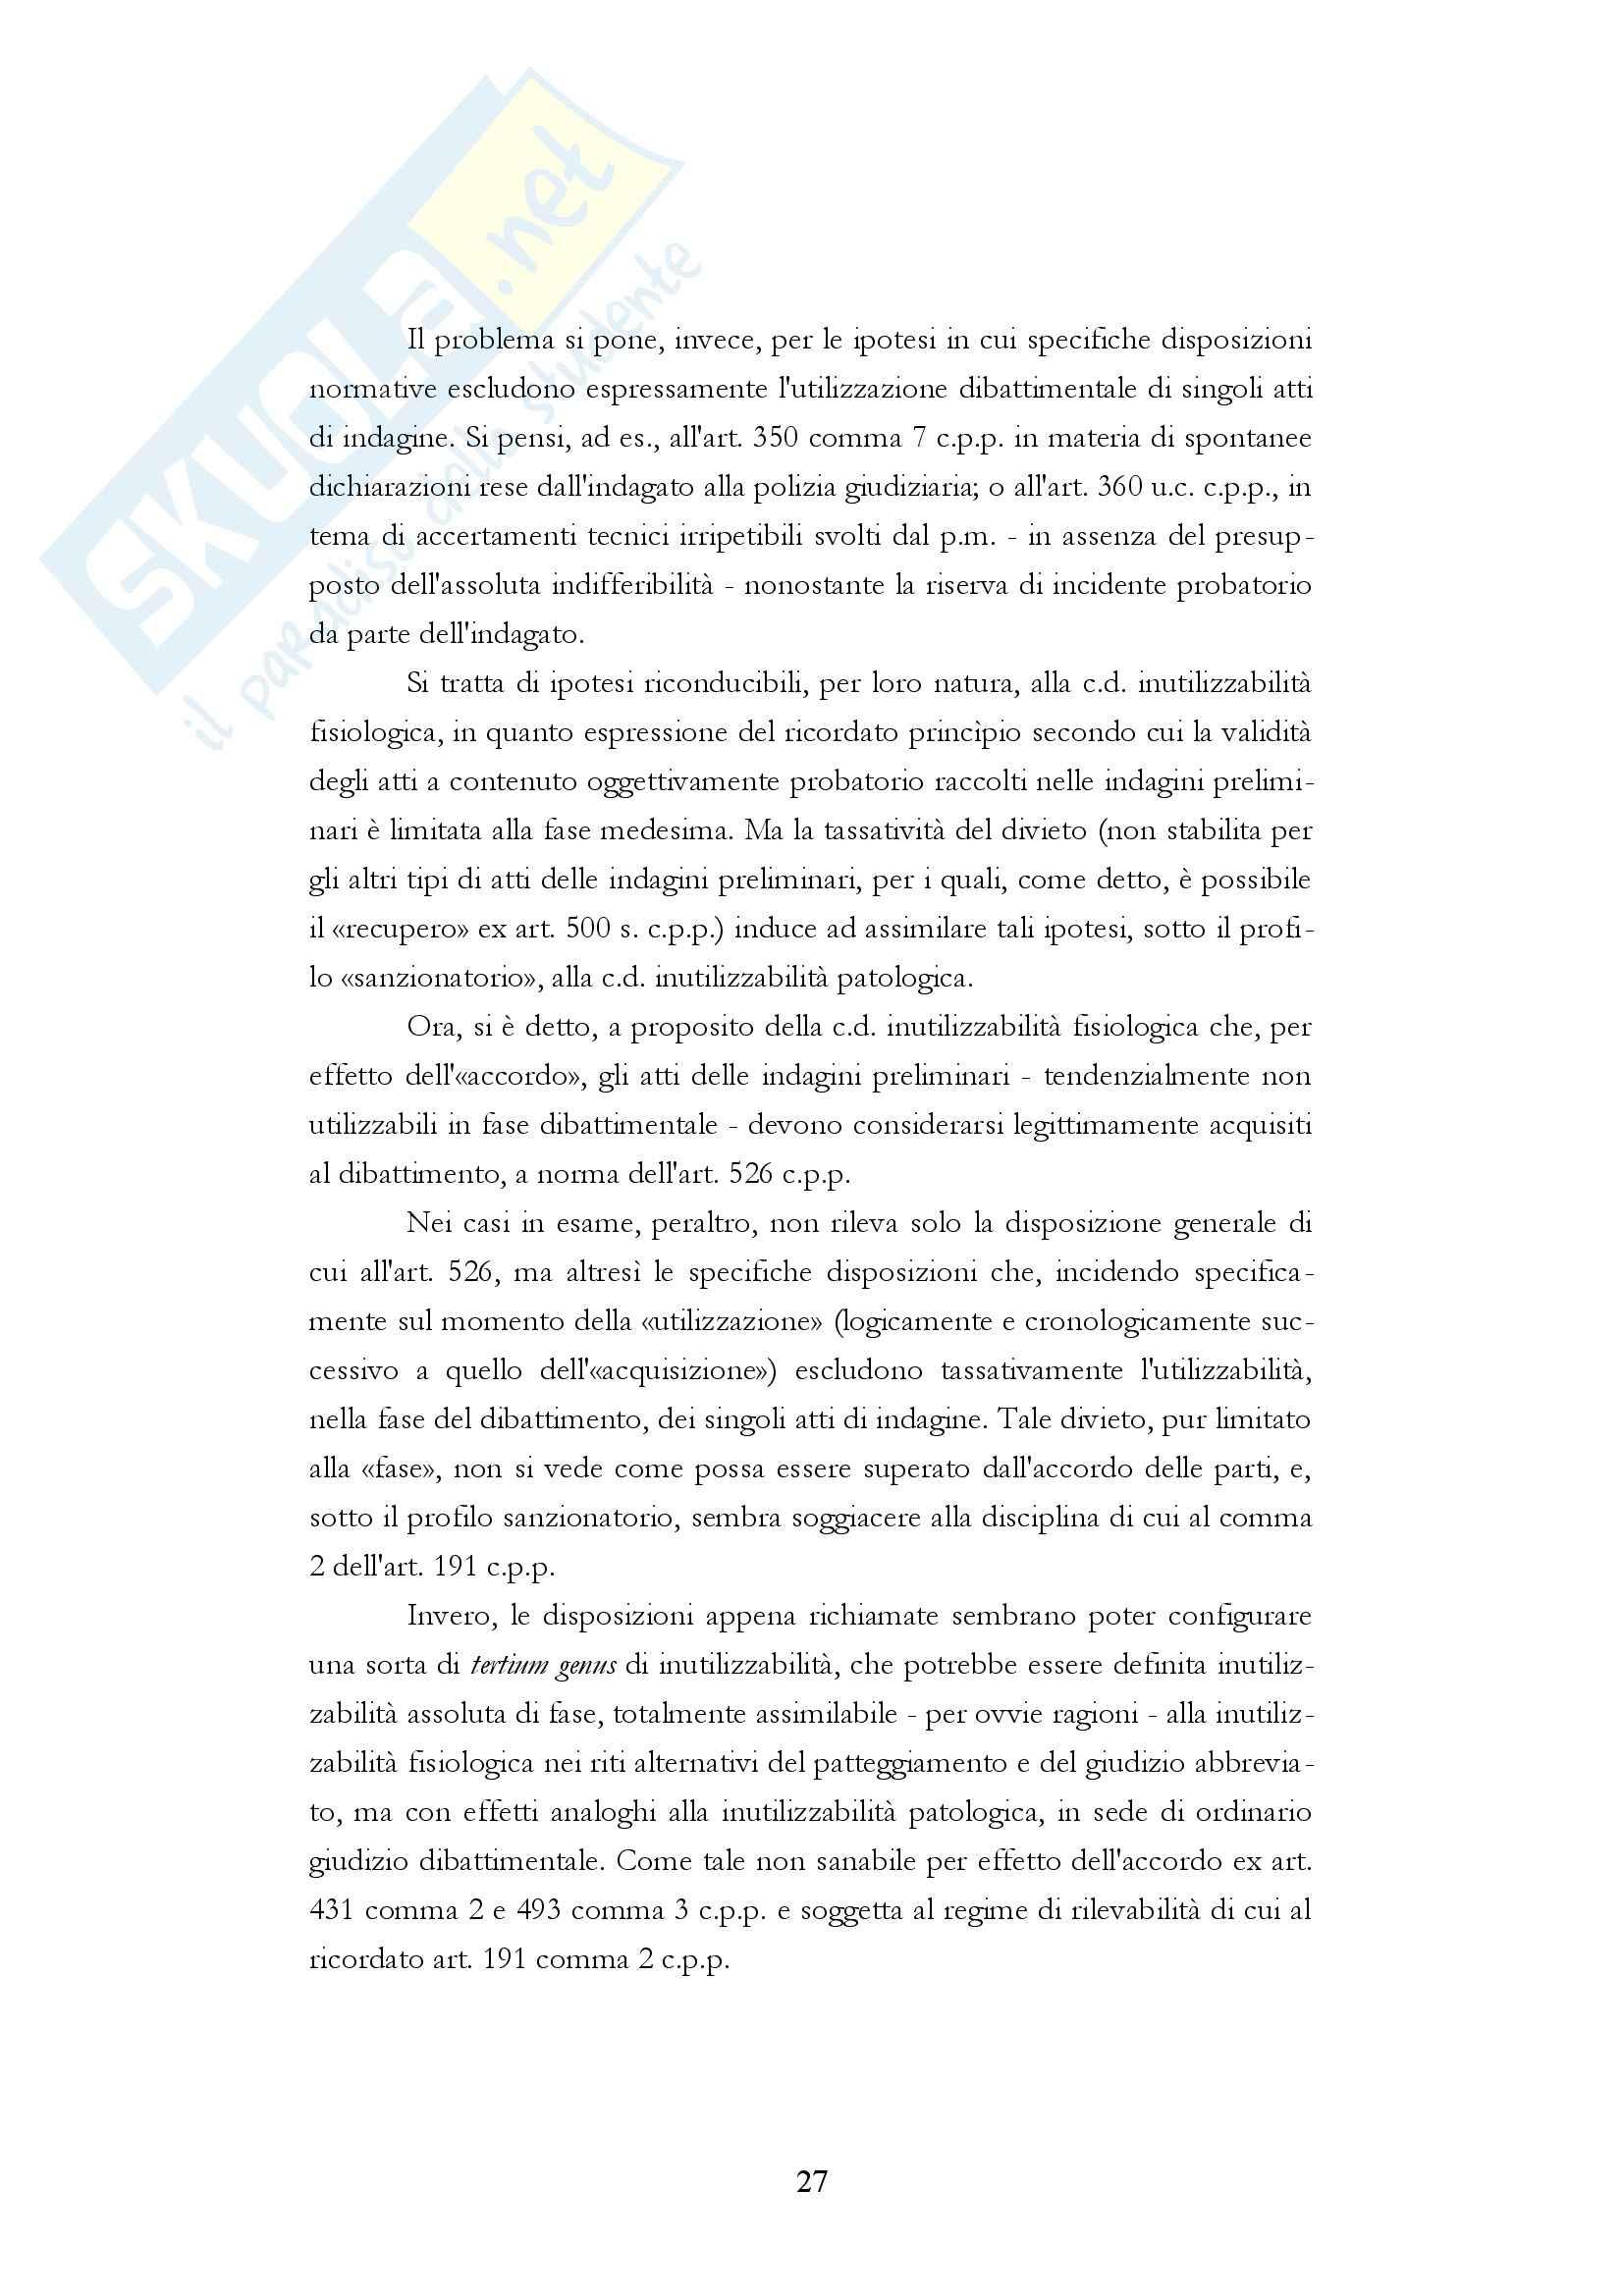 Diritto processuale penale - i fascicoli del processo penale Pag. 26